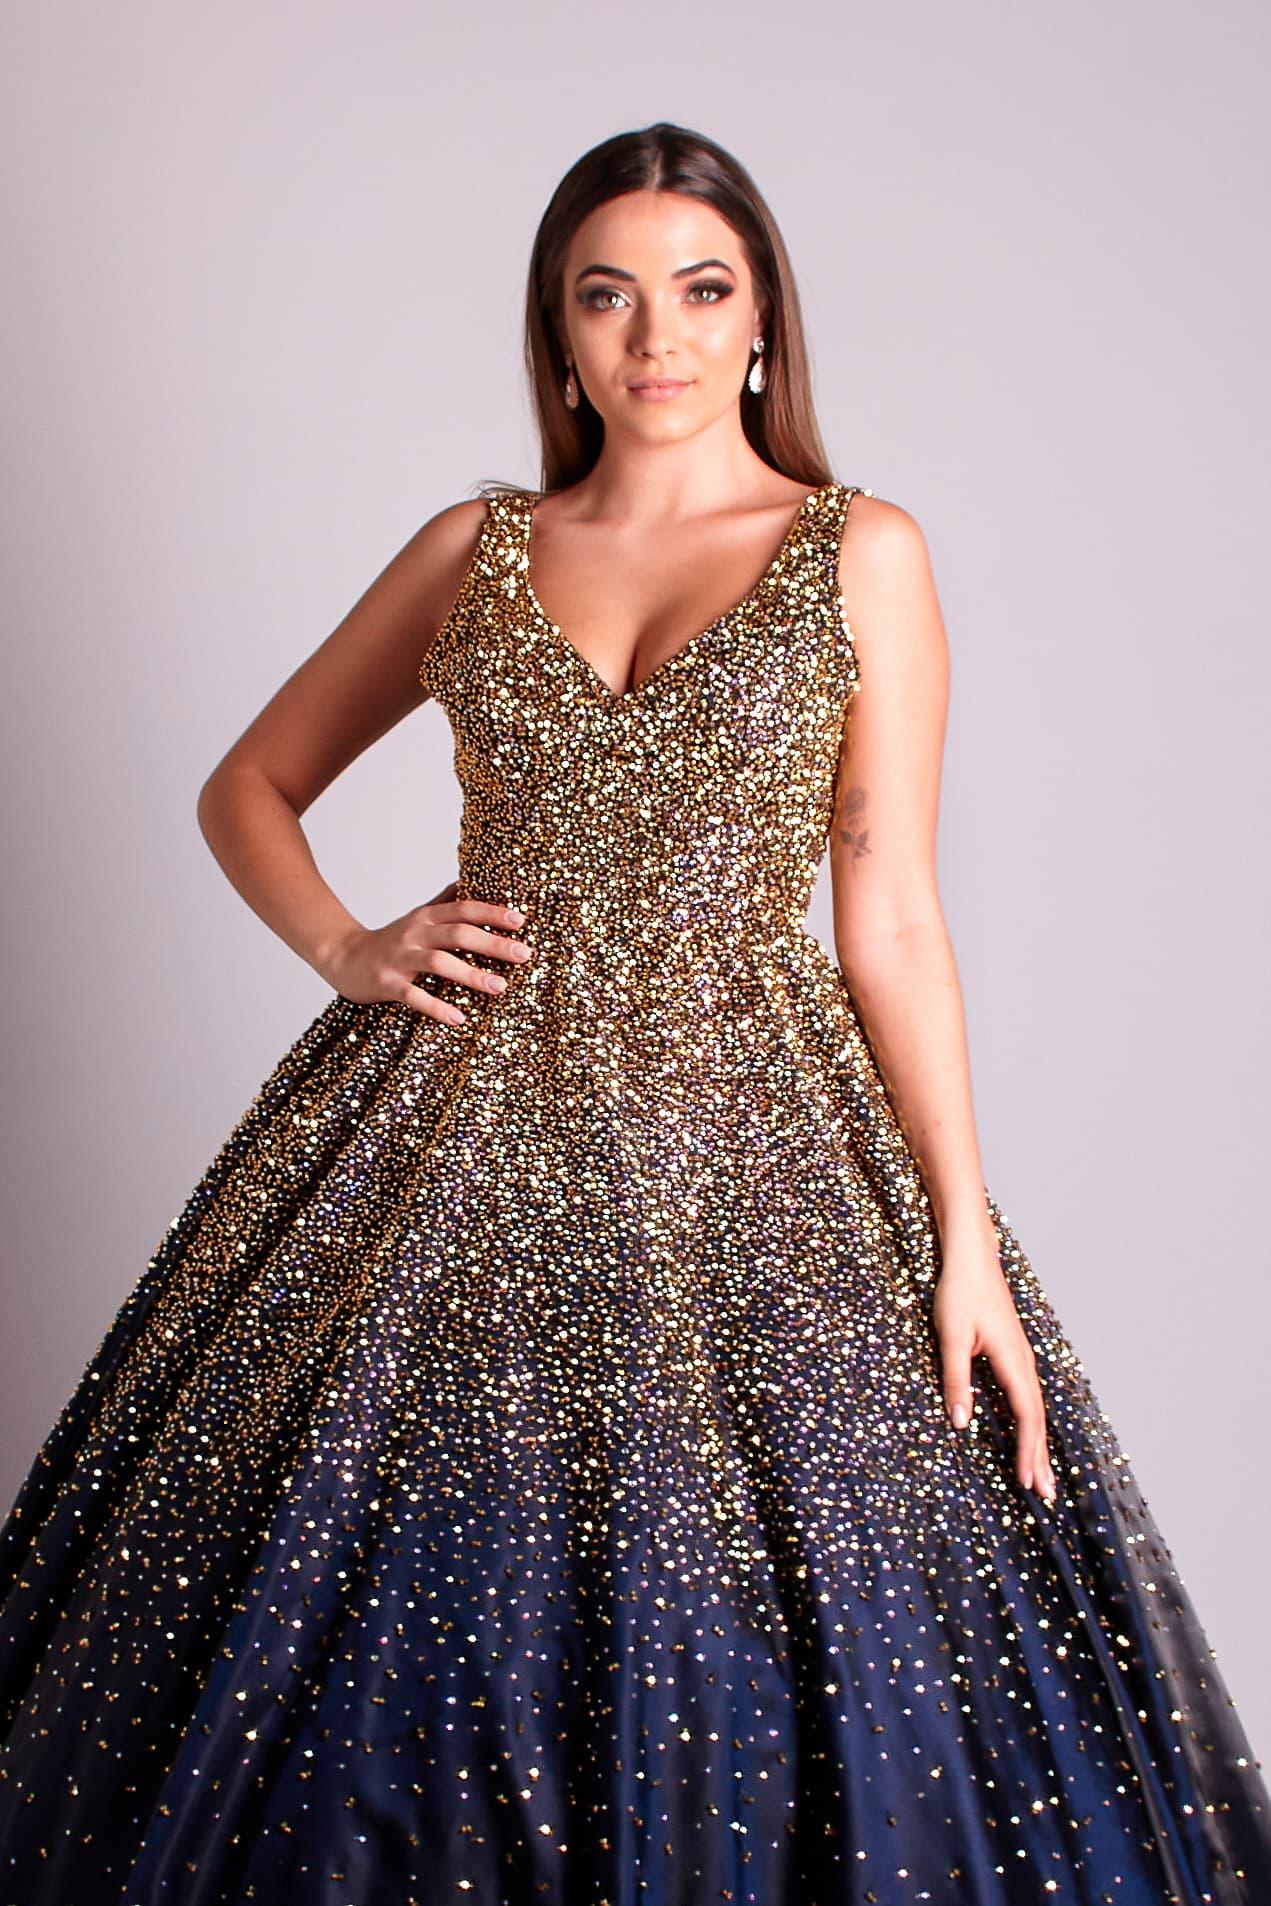 148 - Vestido azul marinho todo bordado à mão em cristais dourados